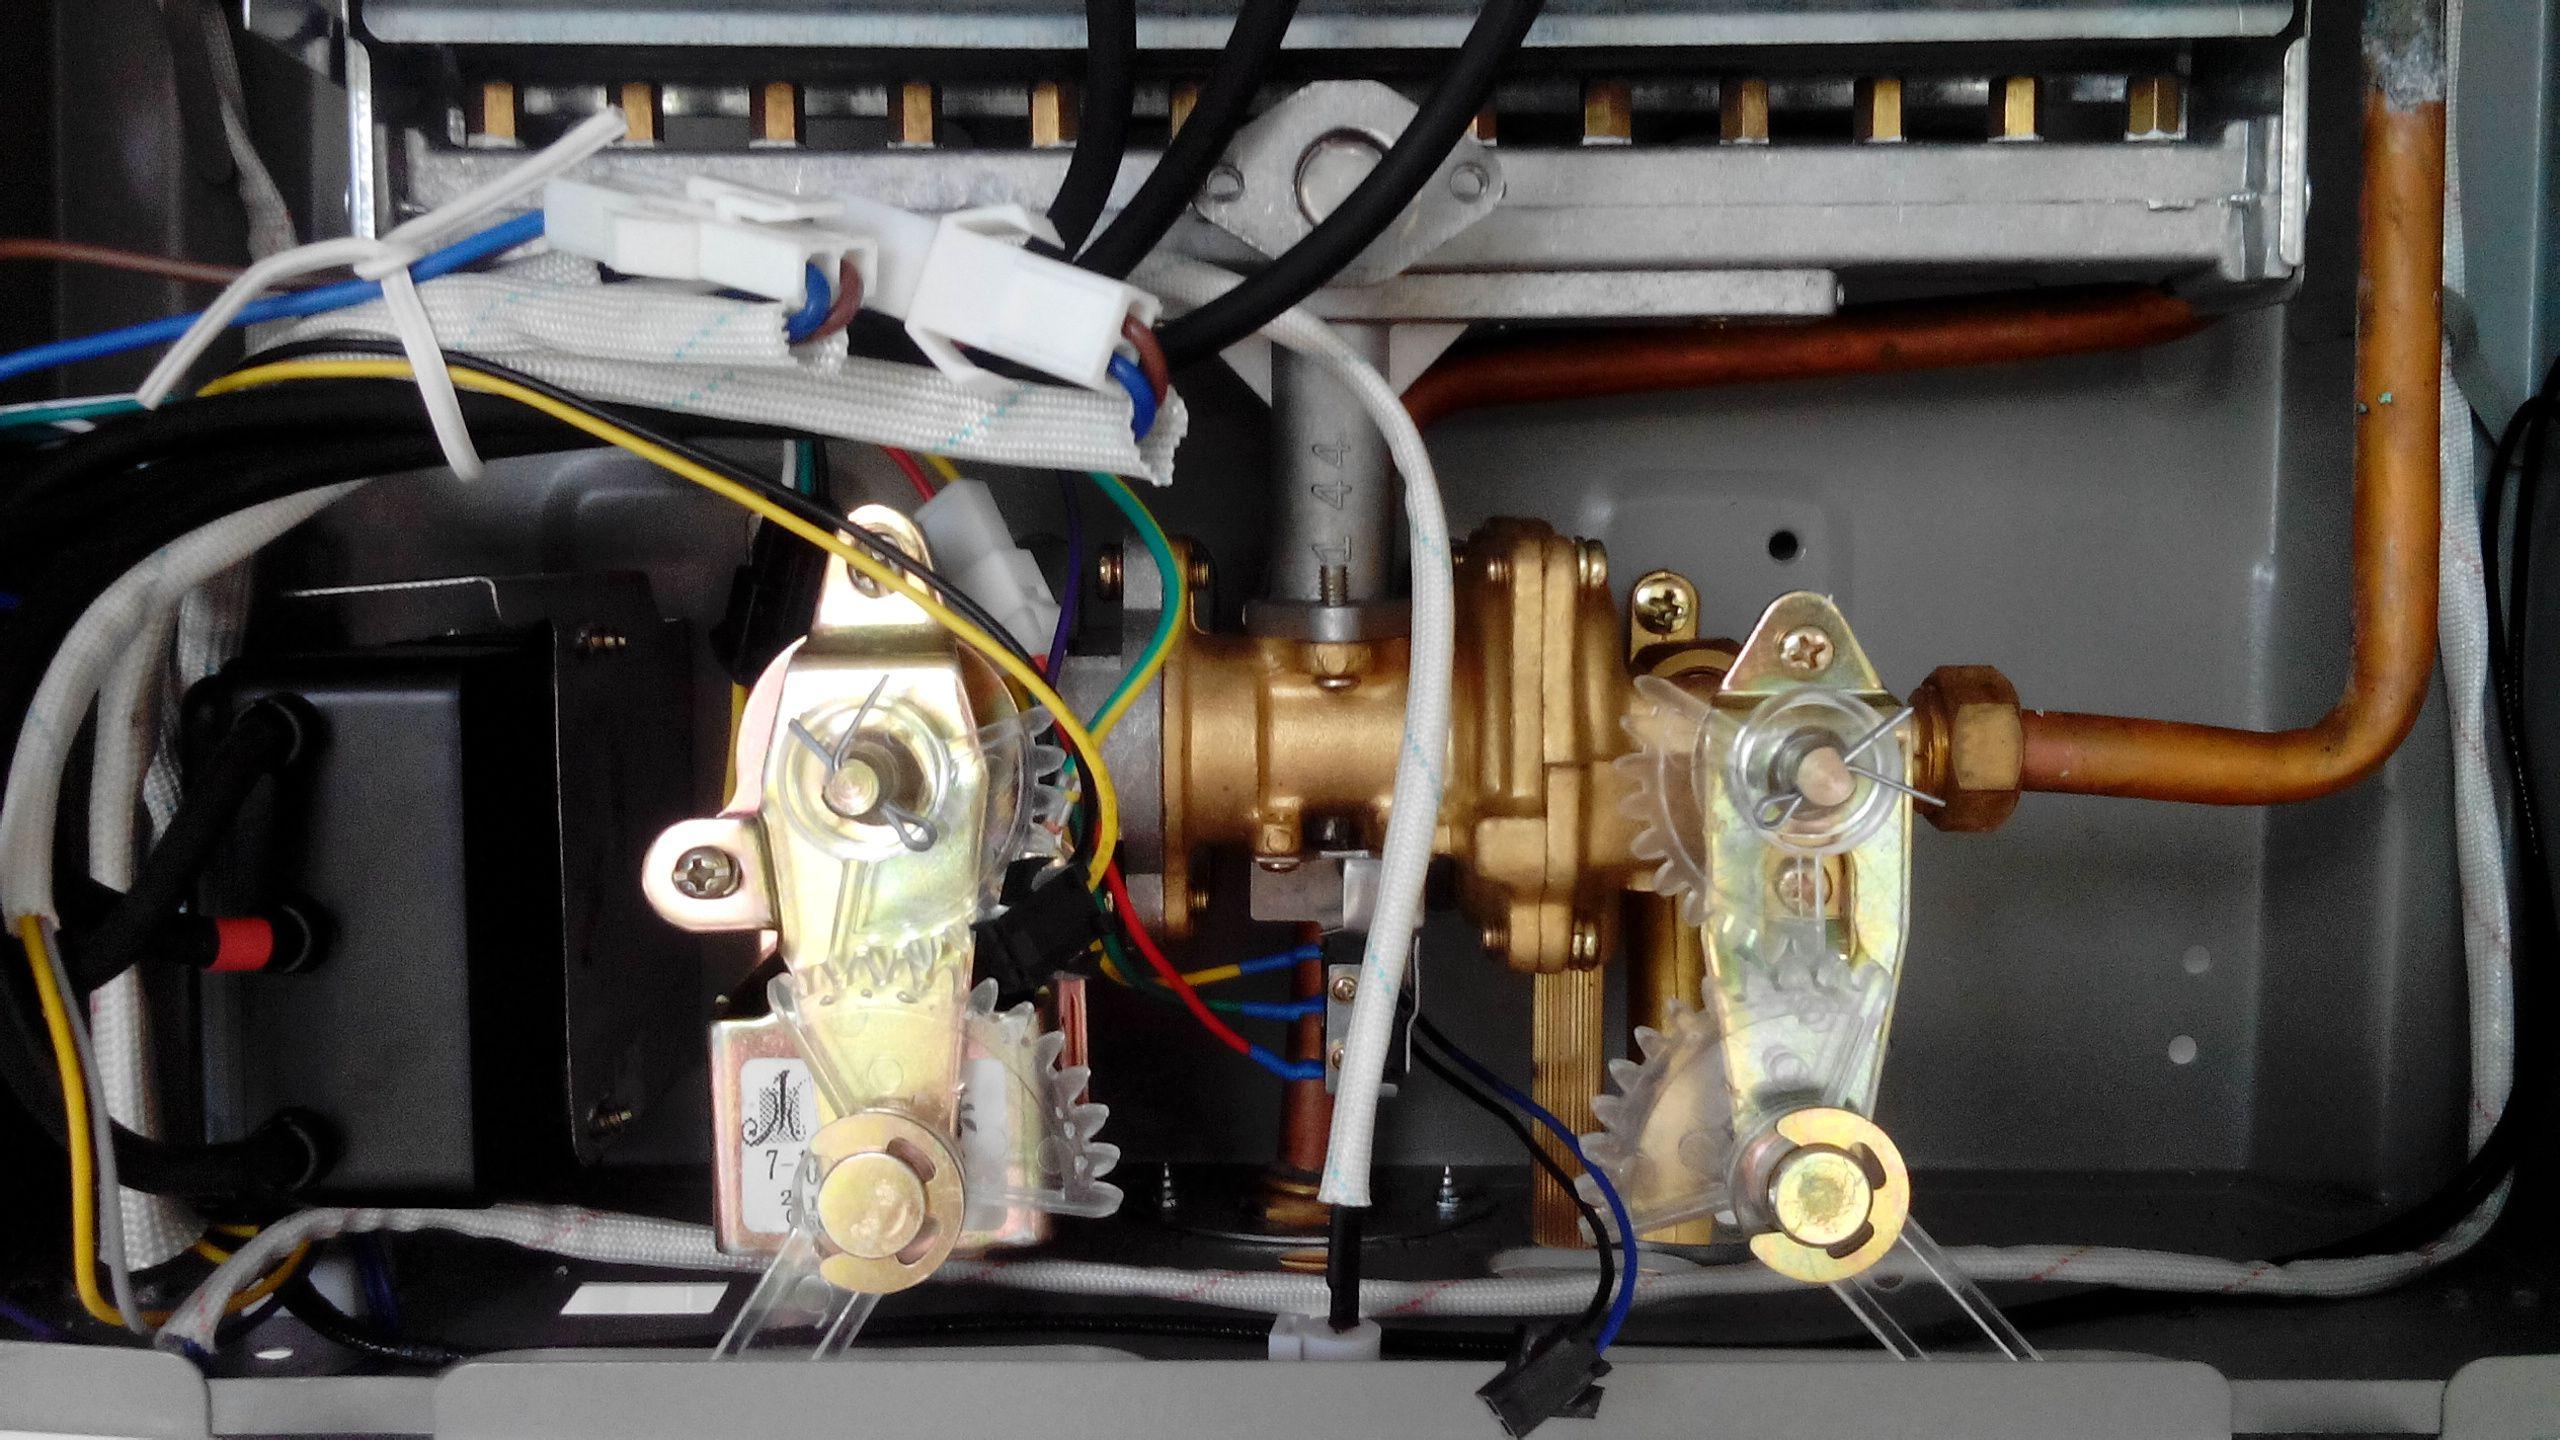 燃气热水器打不着火,气足水足,点火大火气会啪啪响正常,之后电磁阀嗒图片